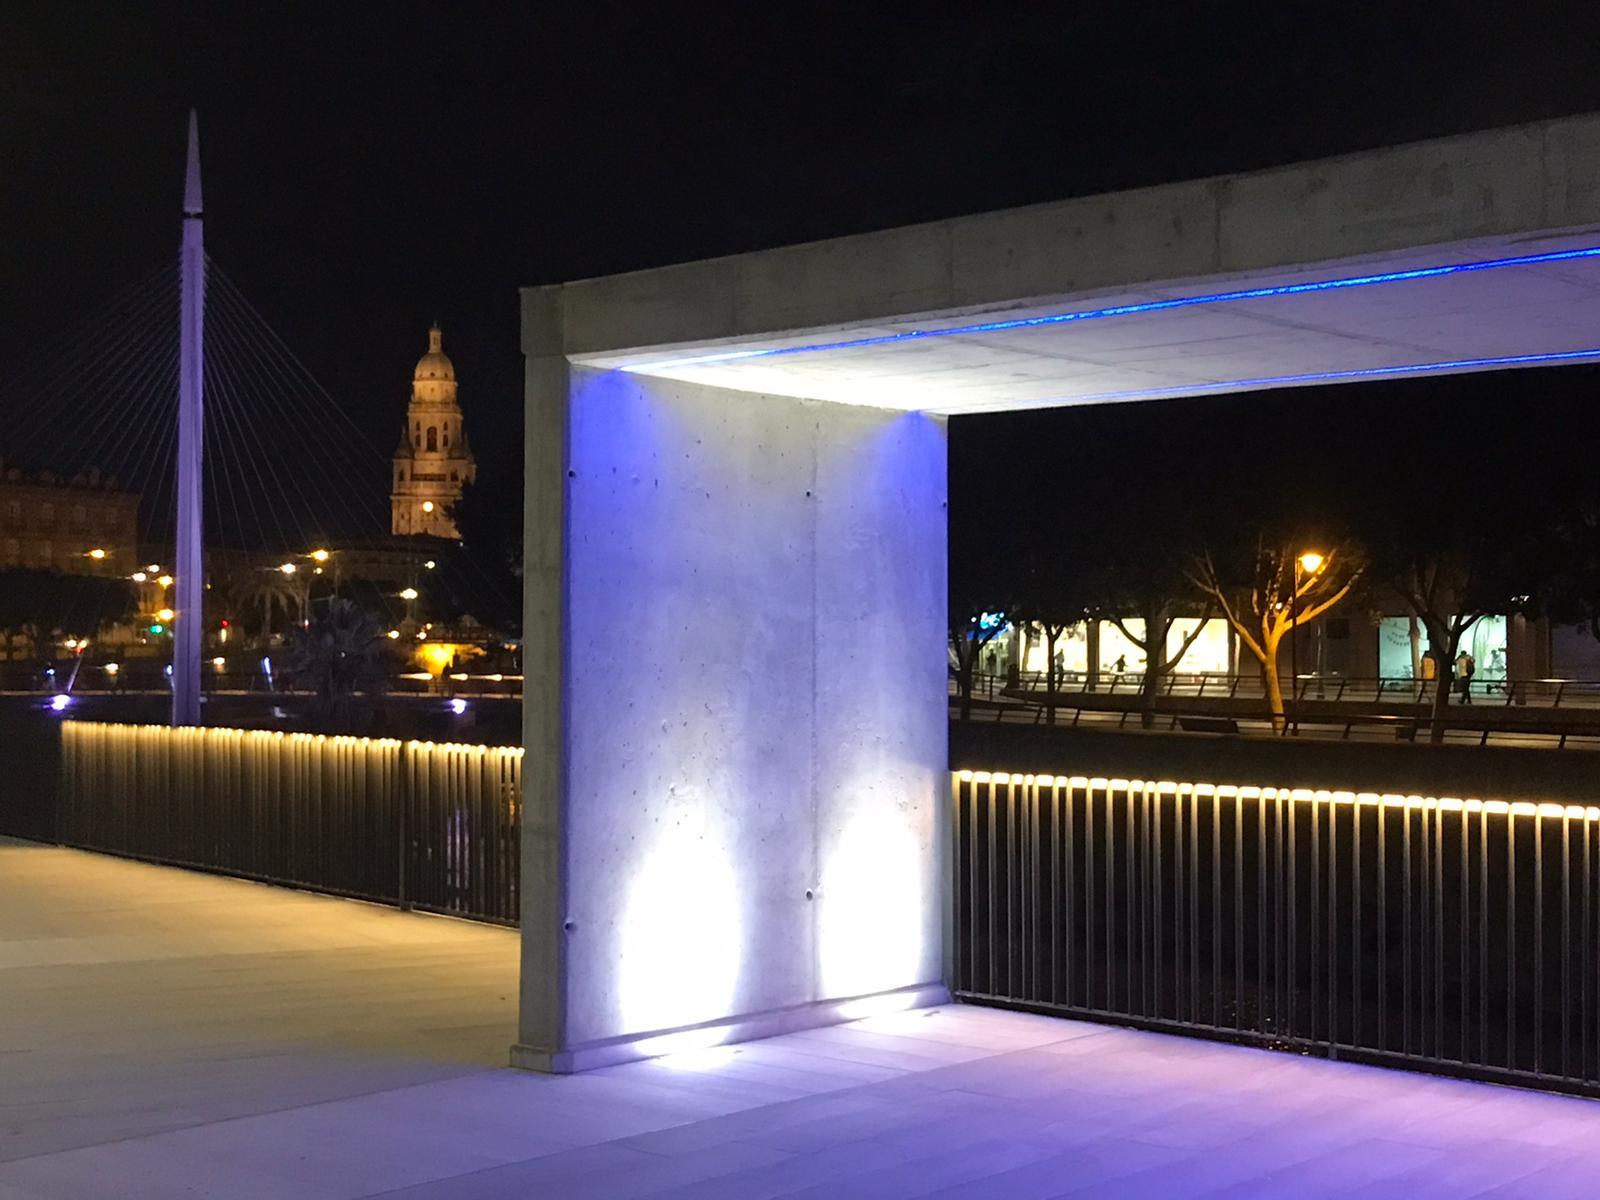 Iluminación led en murciario - Rótulos Luminosos Art Design